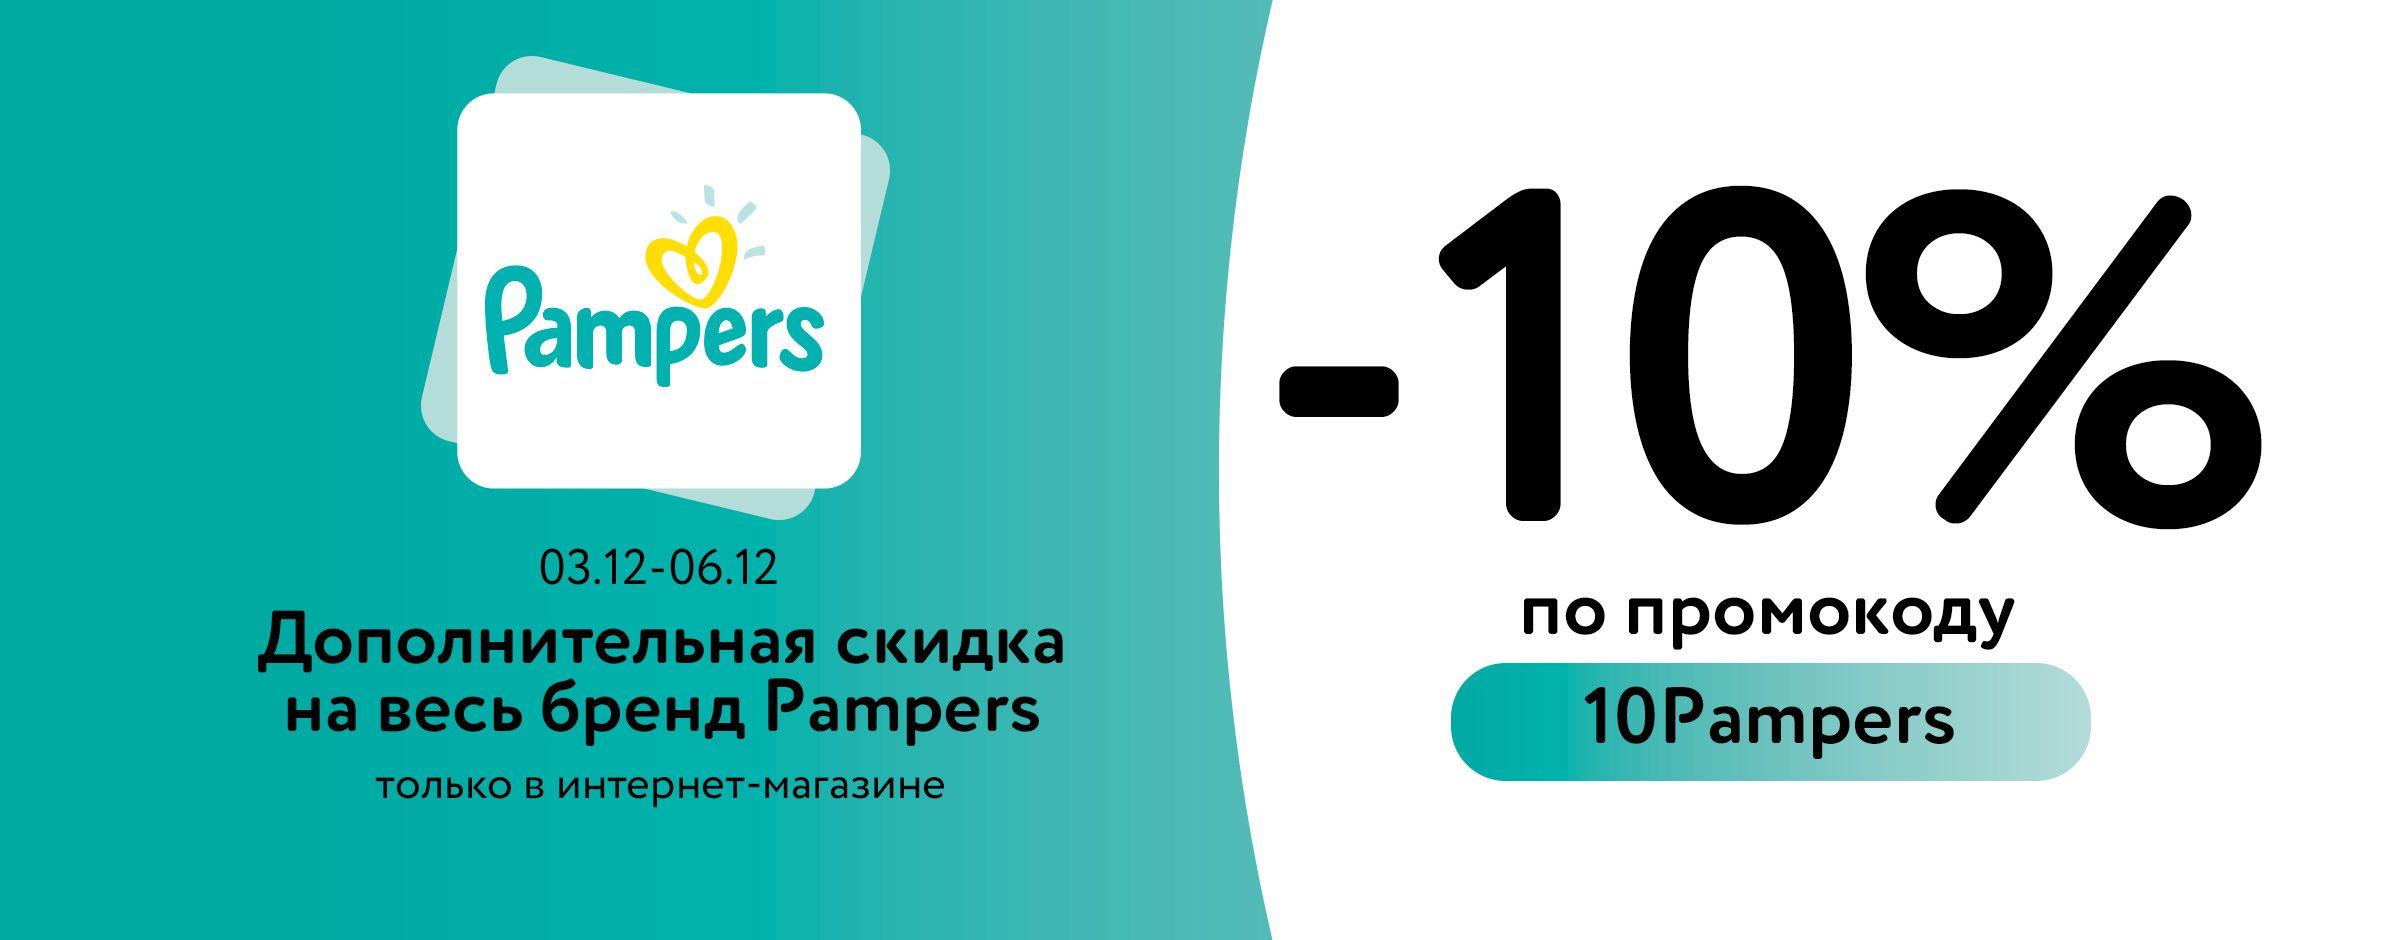 10% на Pampers по промокоду 10Pampers Категории 2